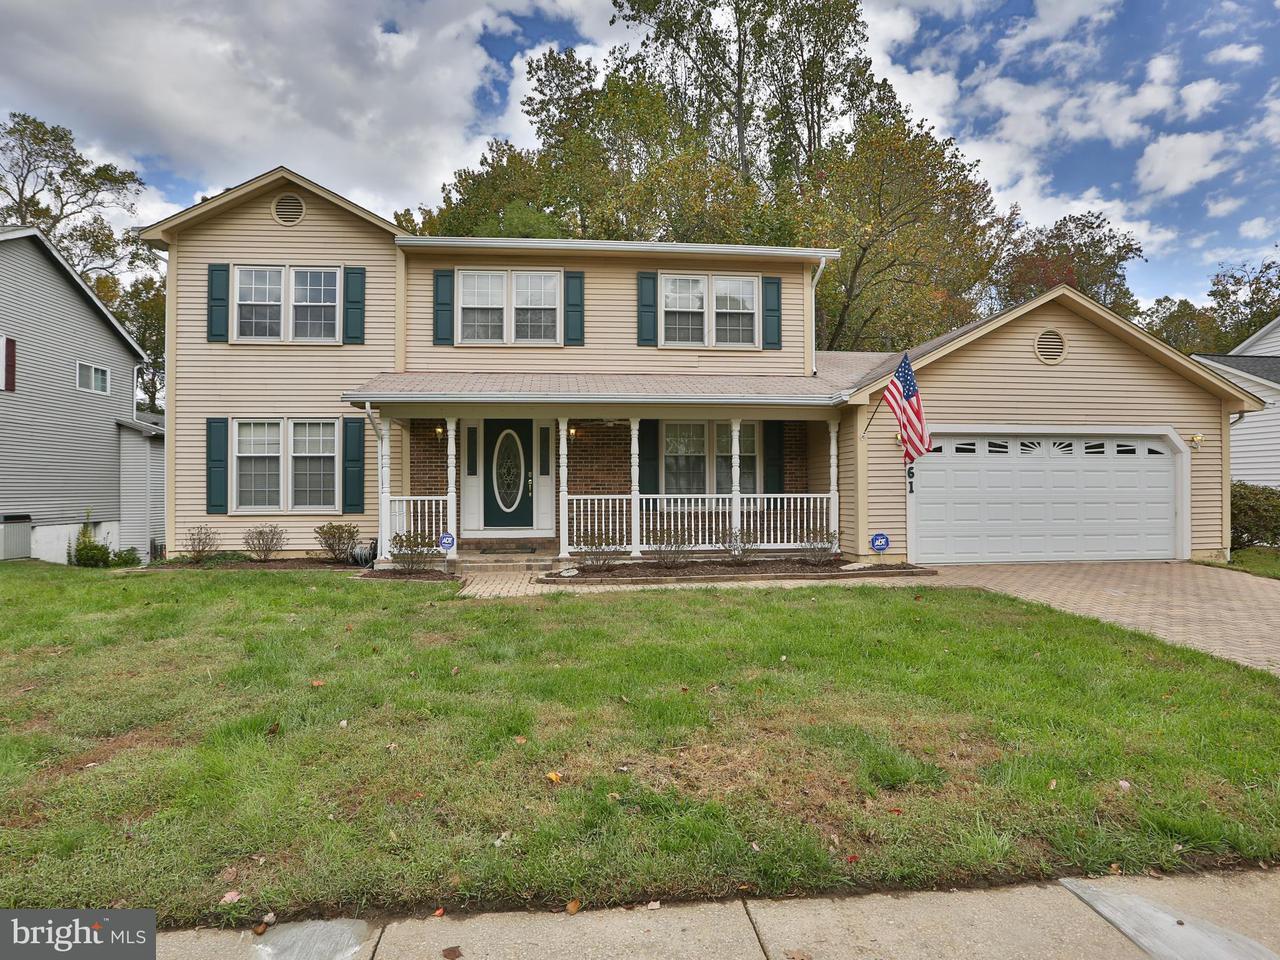 Casa Unifamiliar por un Venta en 361 WESTBURY Drive 361 WESTBURY Drive Riva, Maryland 21140 Estados Unidos